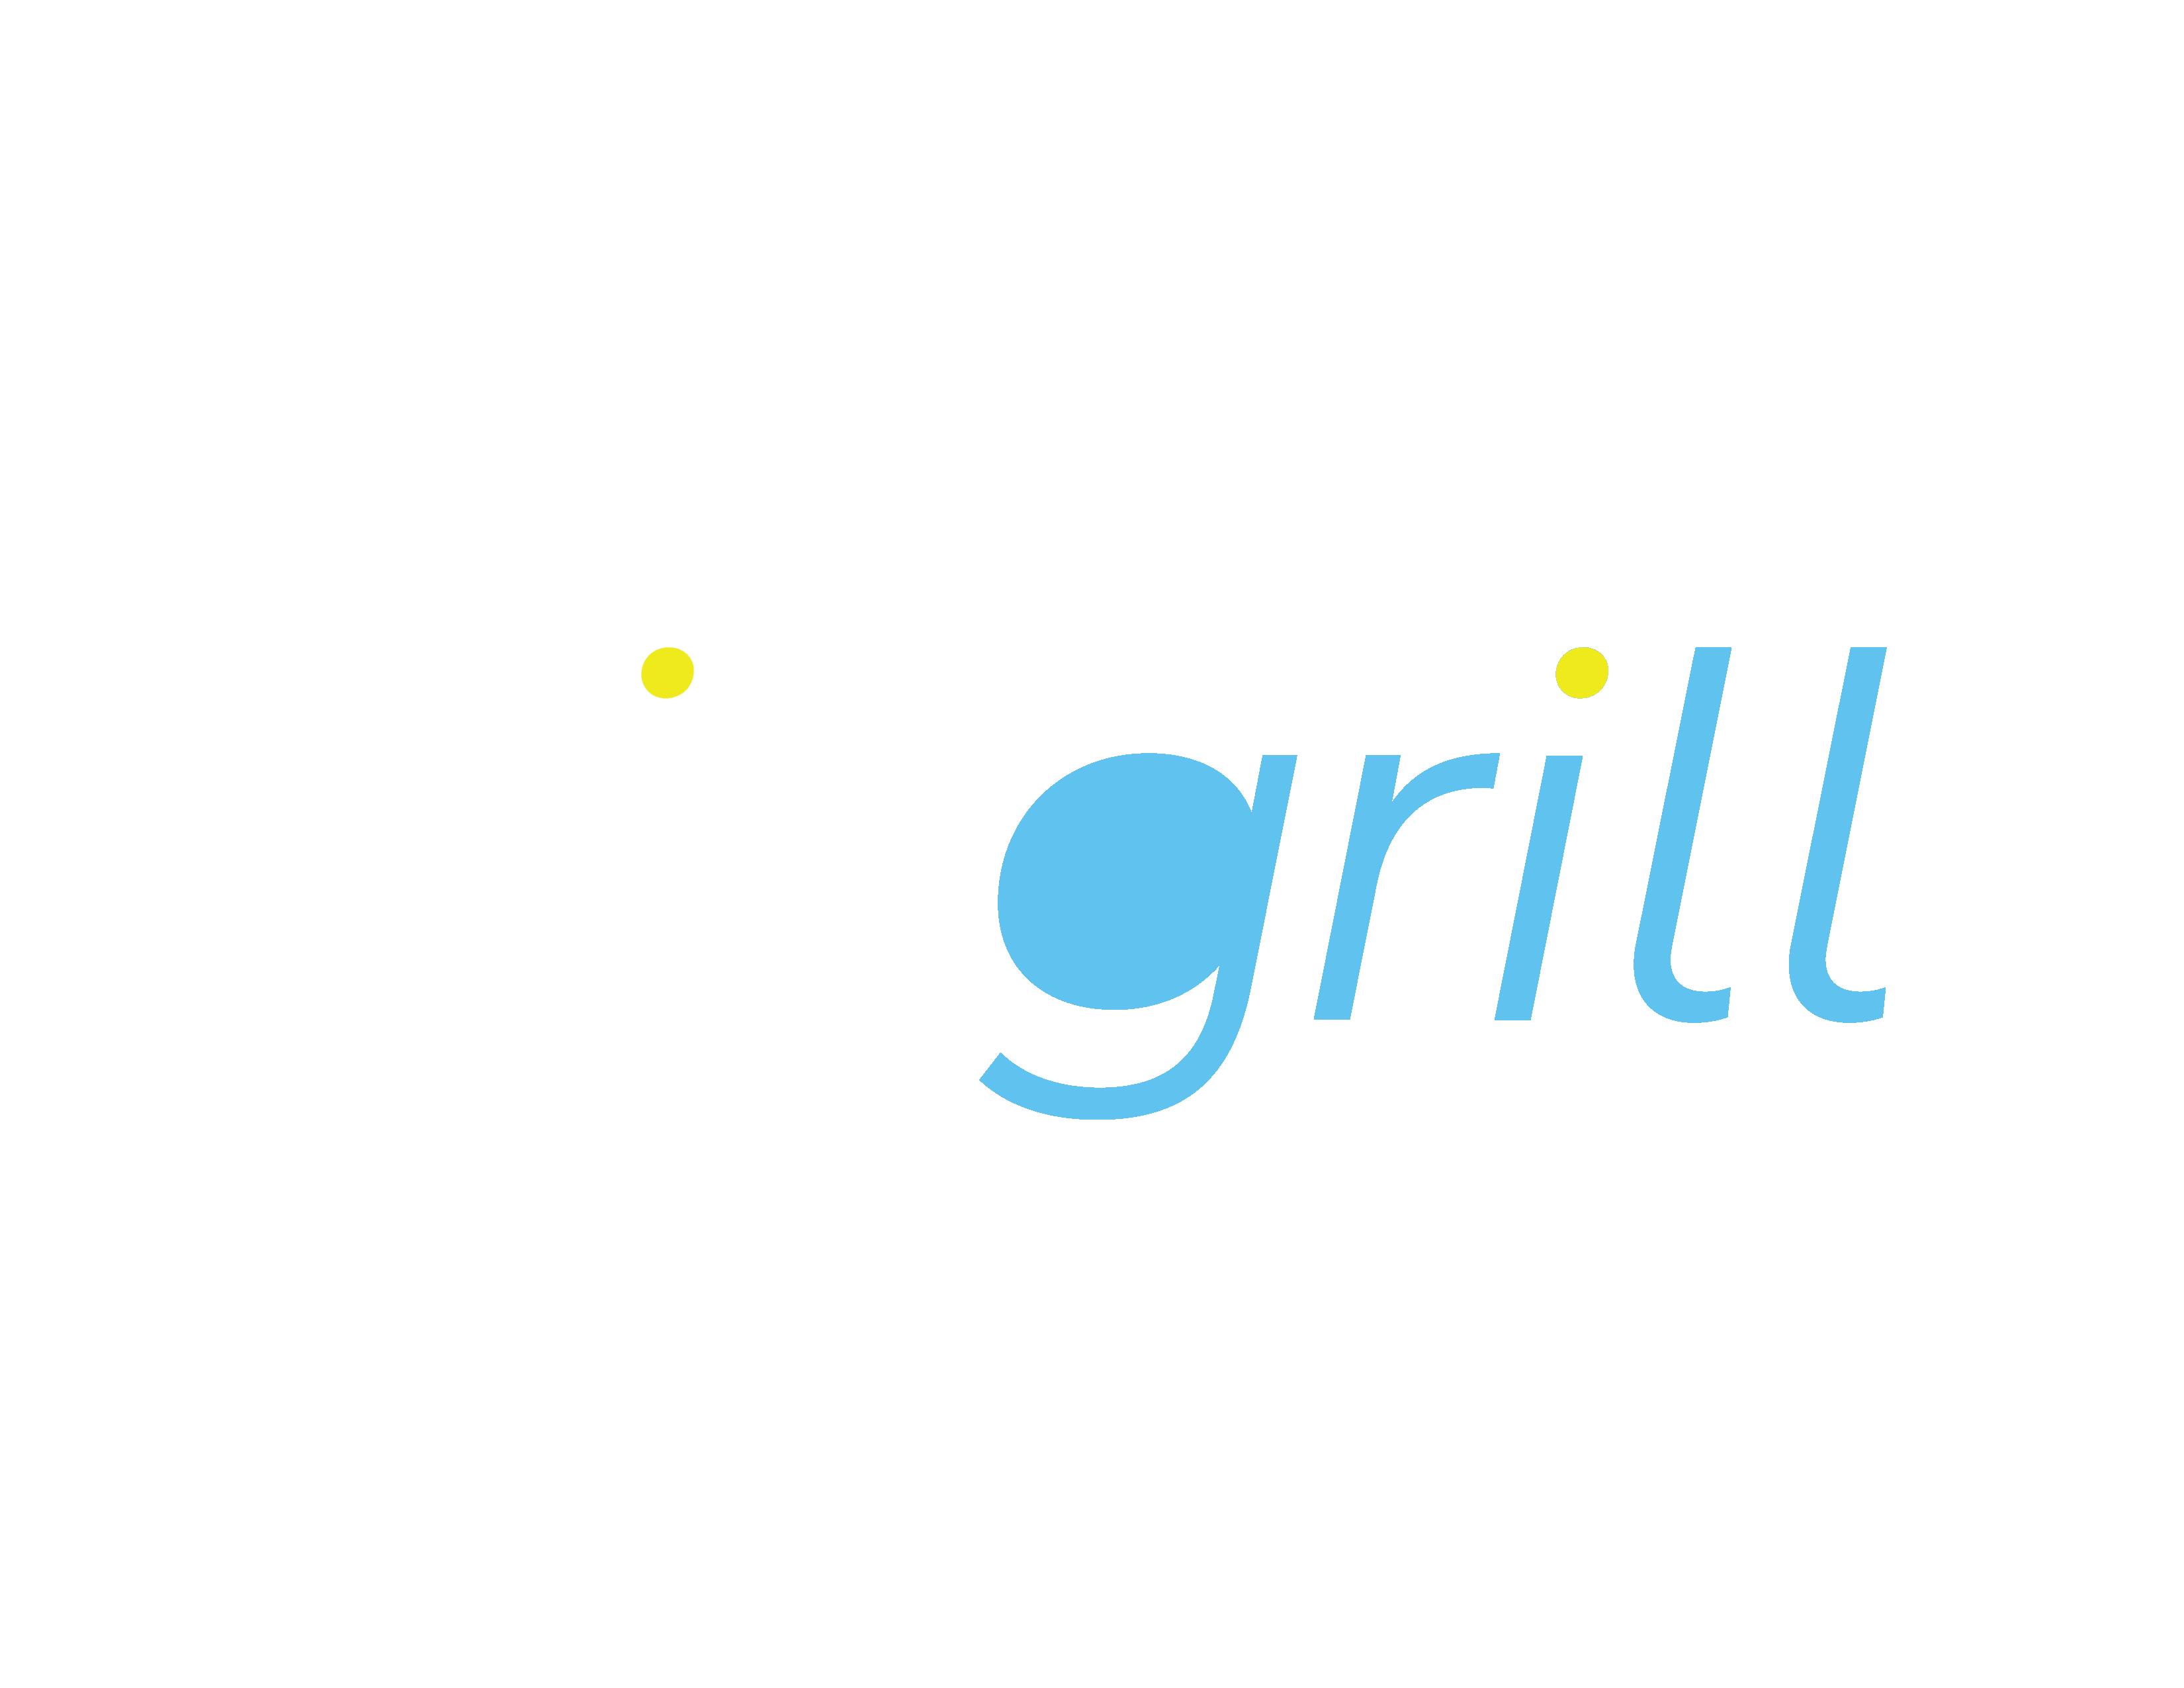 Bill Grill